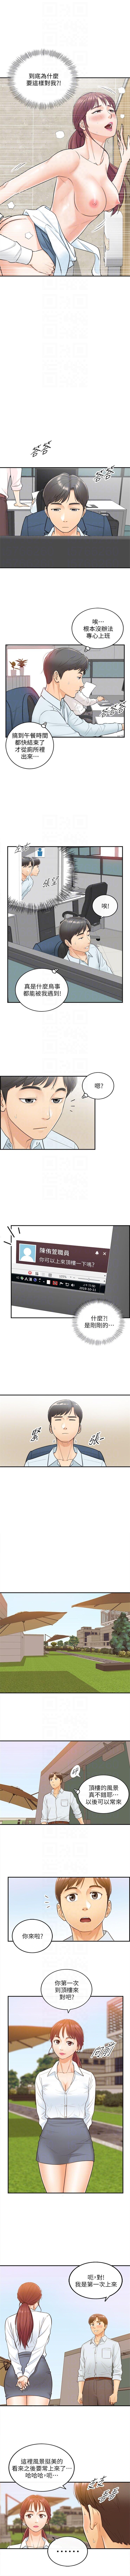 (週5)正妹小主管 1-39 中文翻譯(更新中) 27